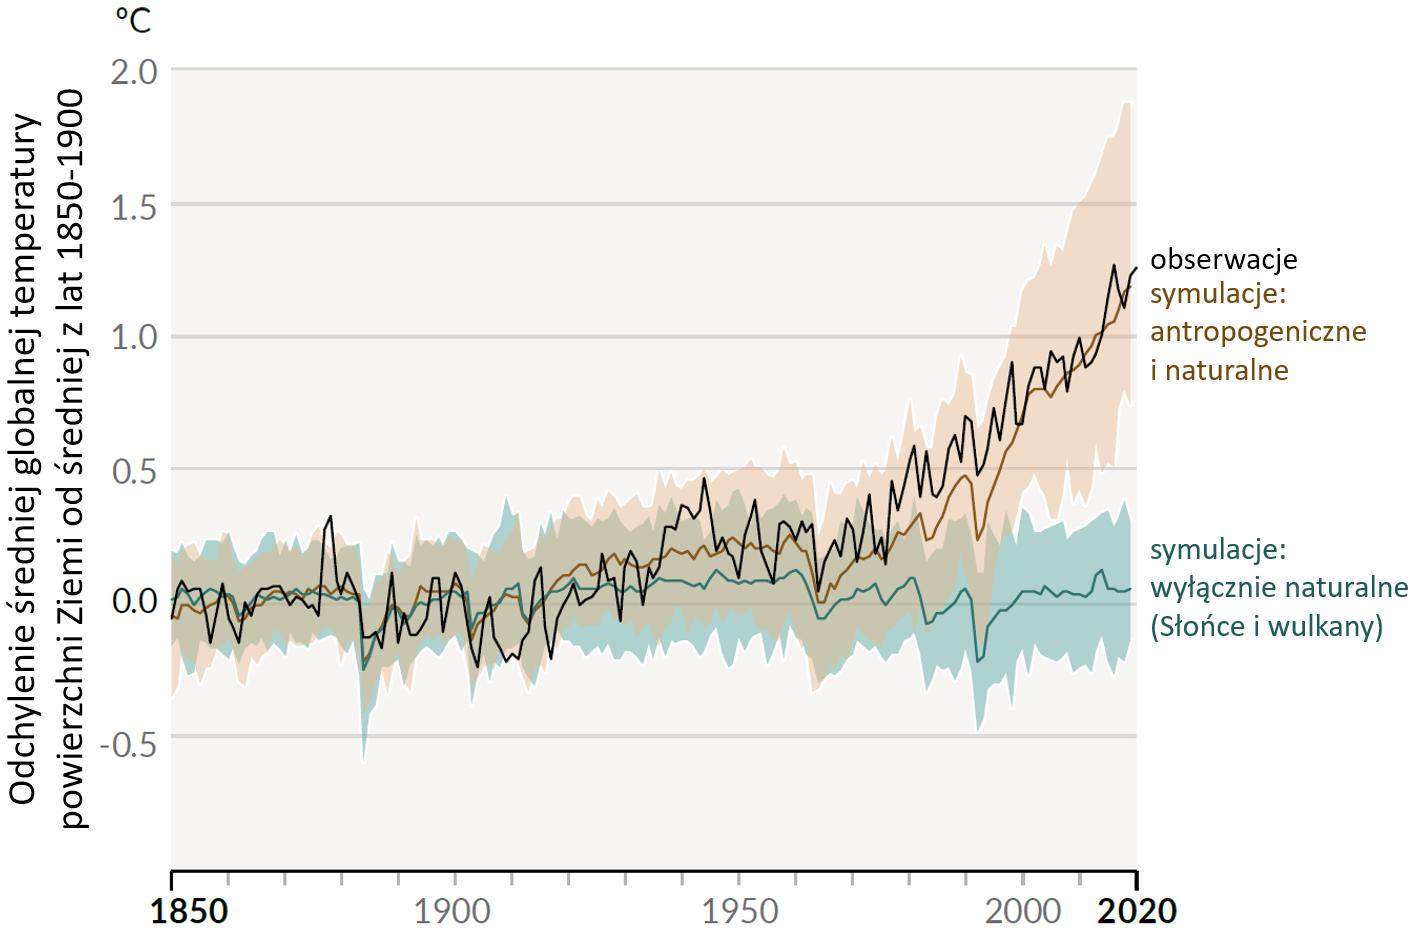 6 raport IPCC: Wykres zmian globalnej temperatury powierzchni Ziemi